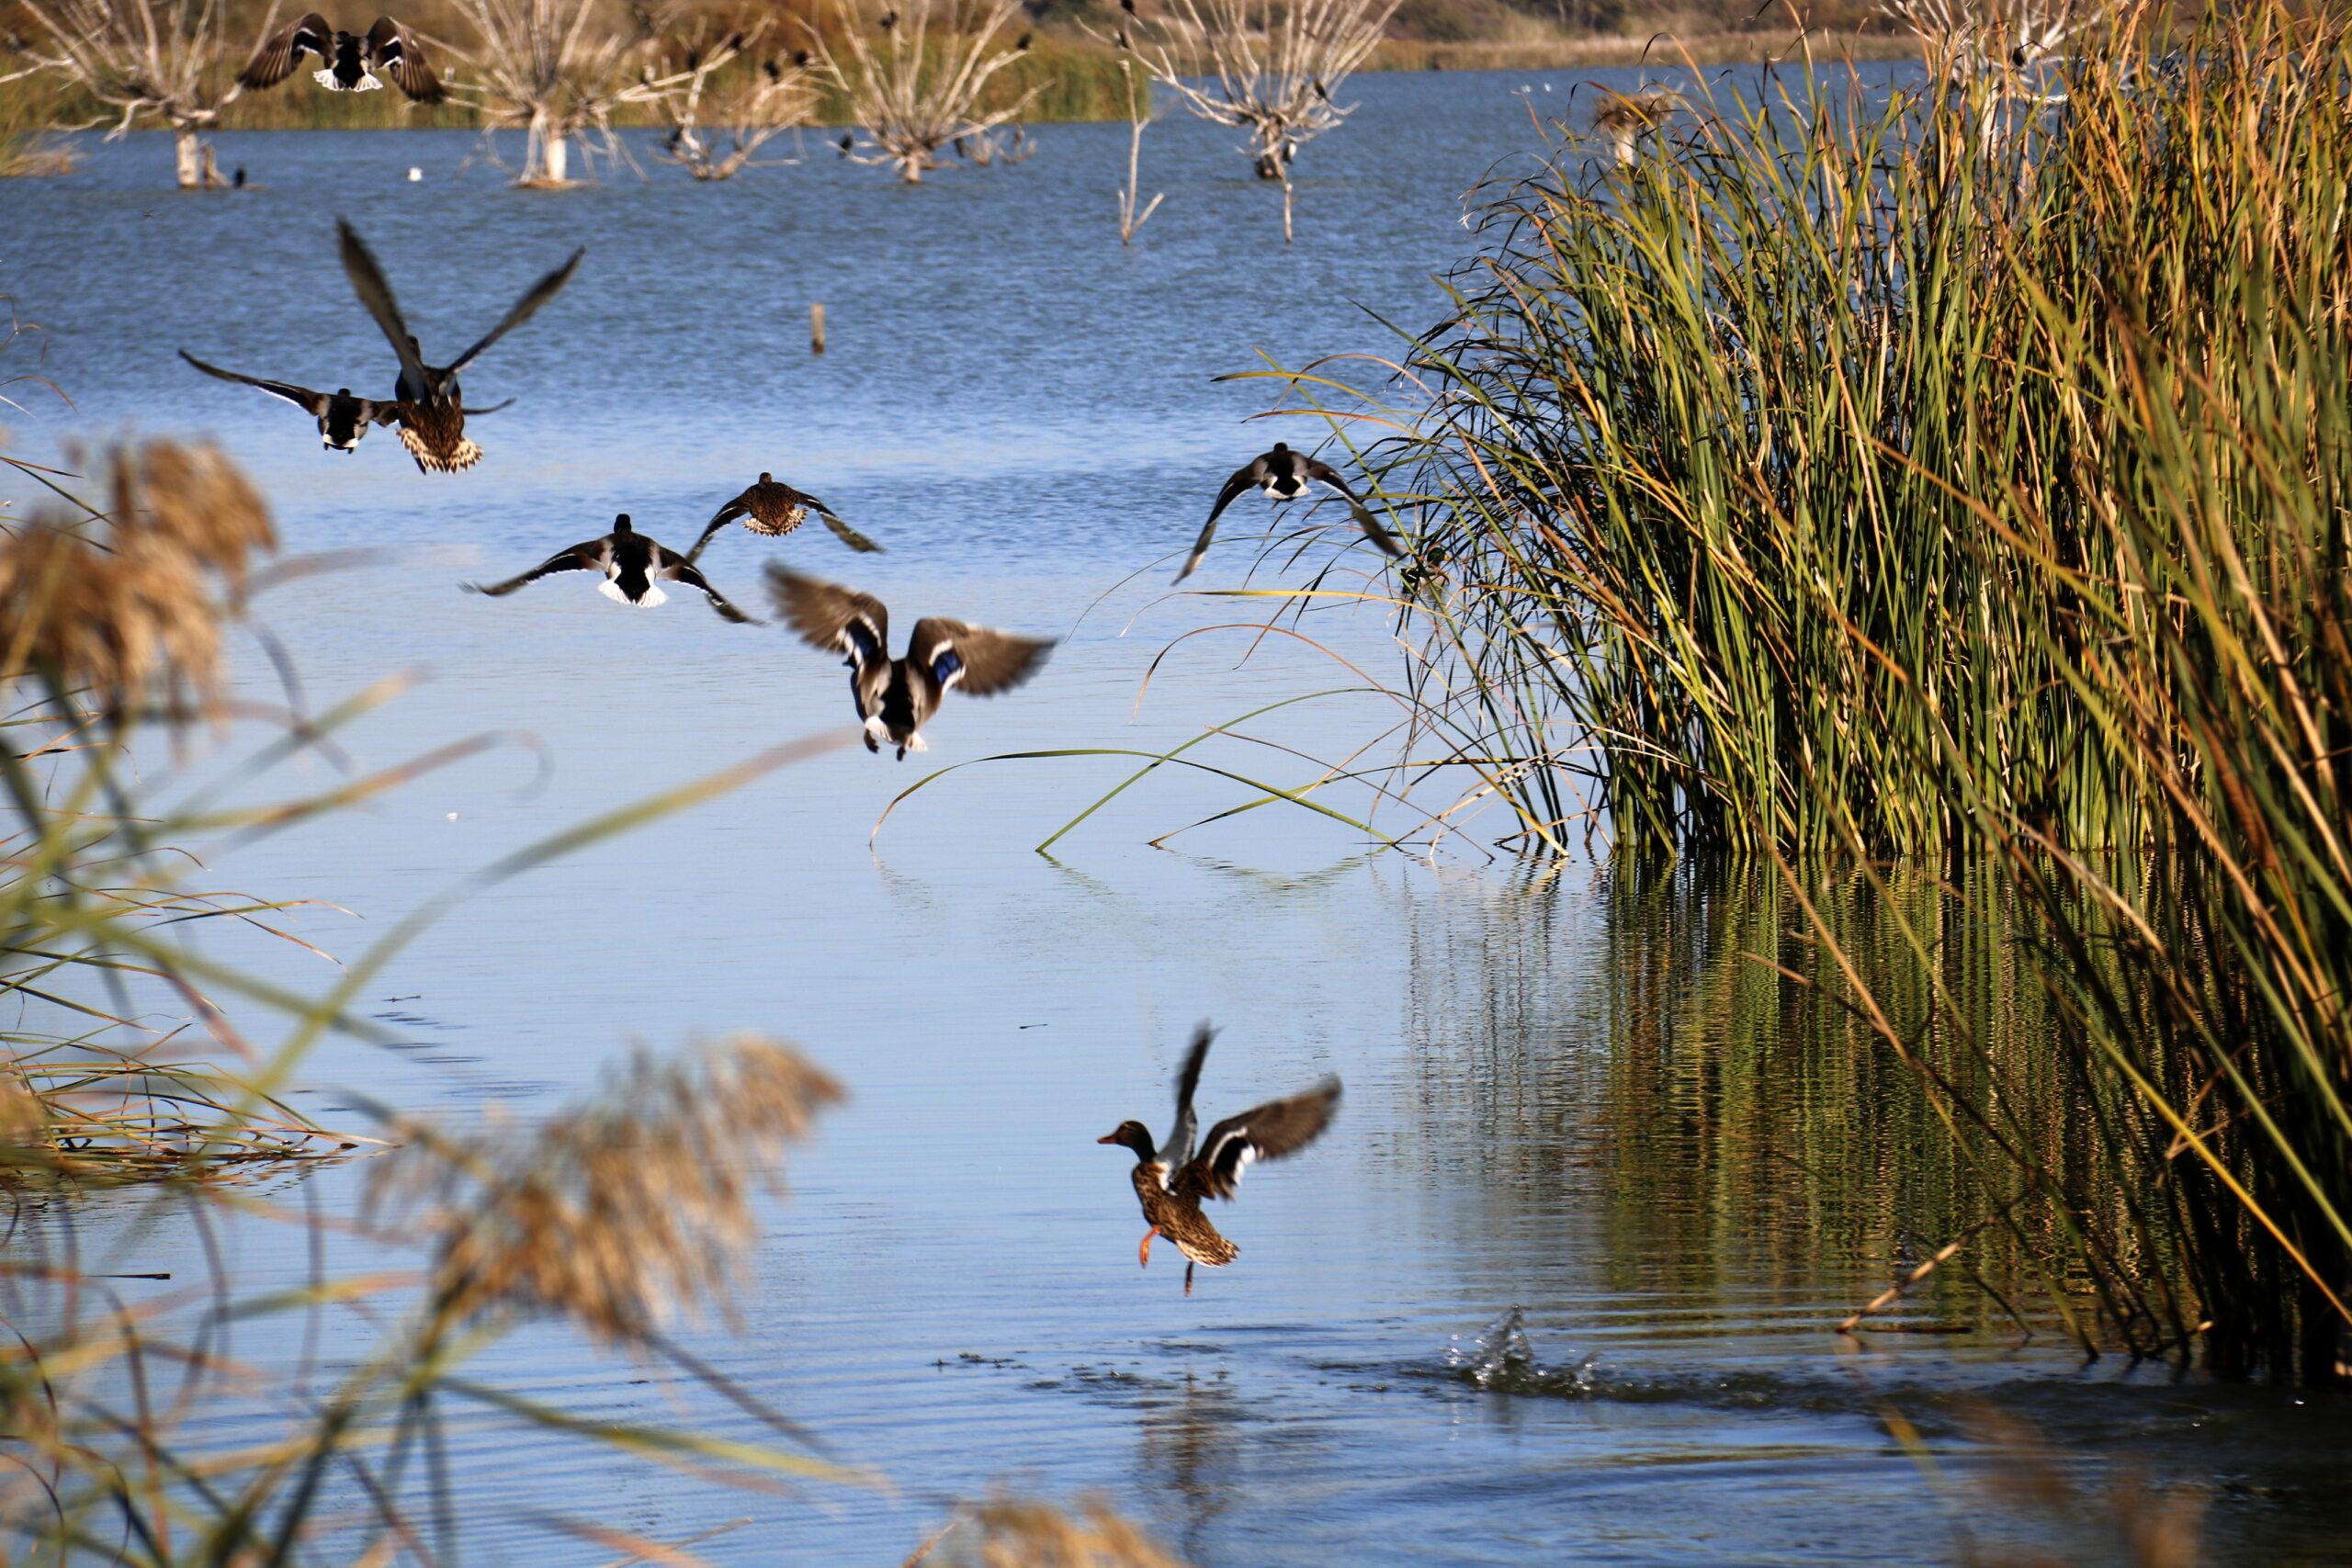 Pla mitjà on es poden veure diversos ànecs a l'estany d'Ivars i Vila-sana, l'octubre de 2018. (Horitzontal)